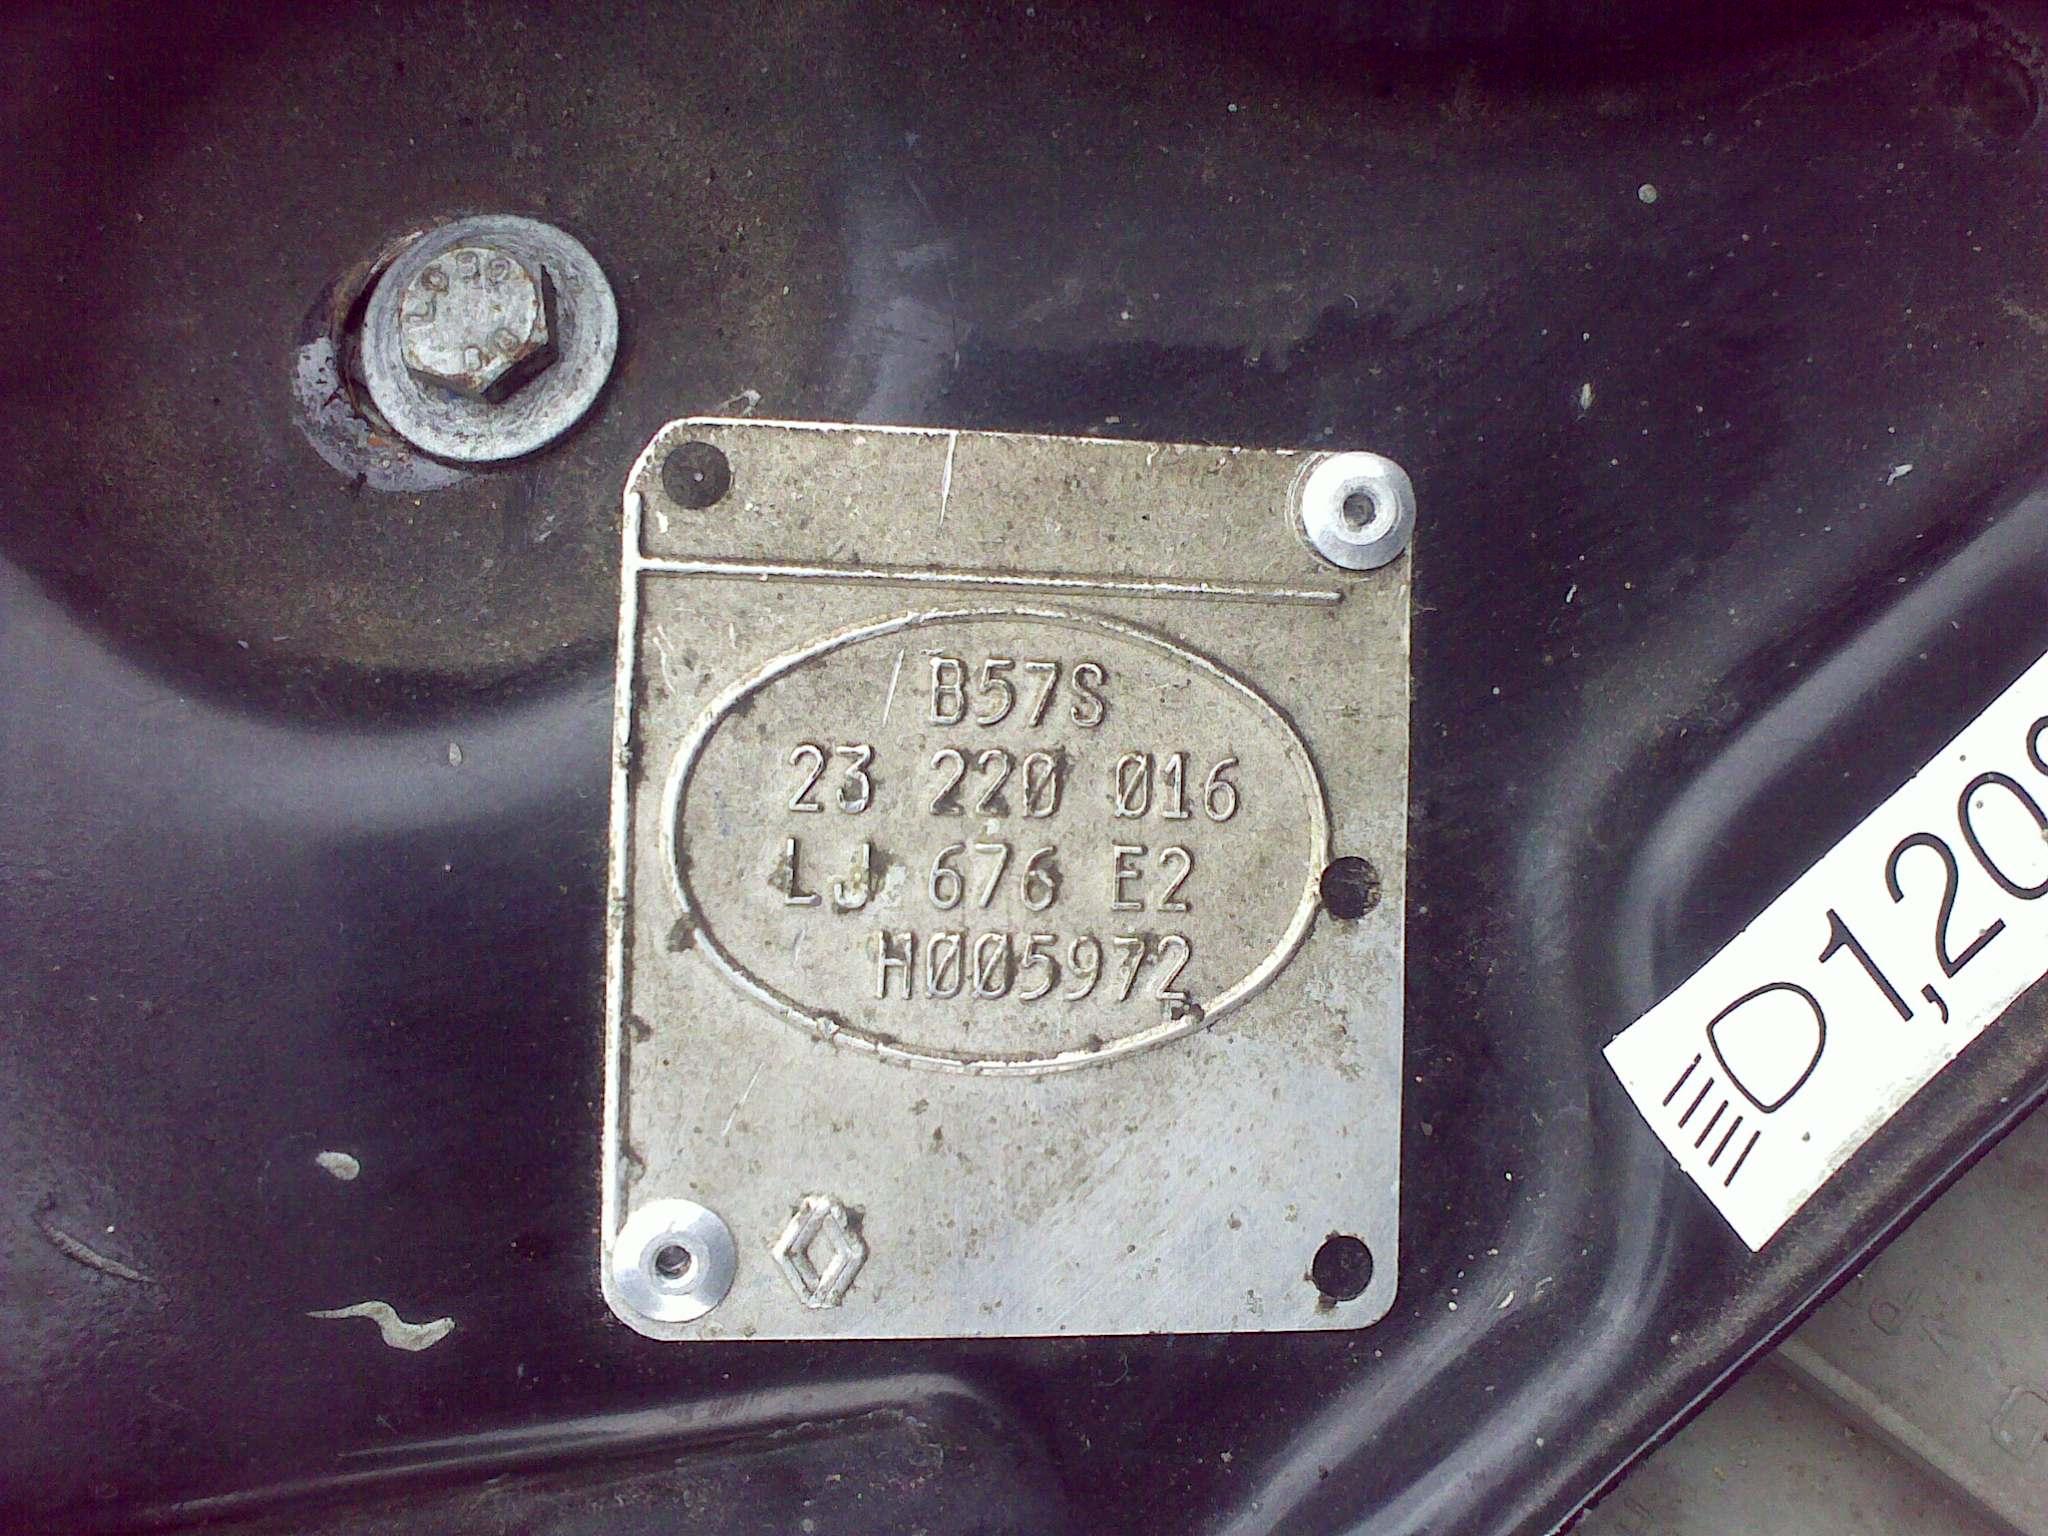 Clio I - komputer pin 32 dioda 1N4004 - troch� inaczej